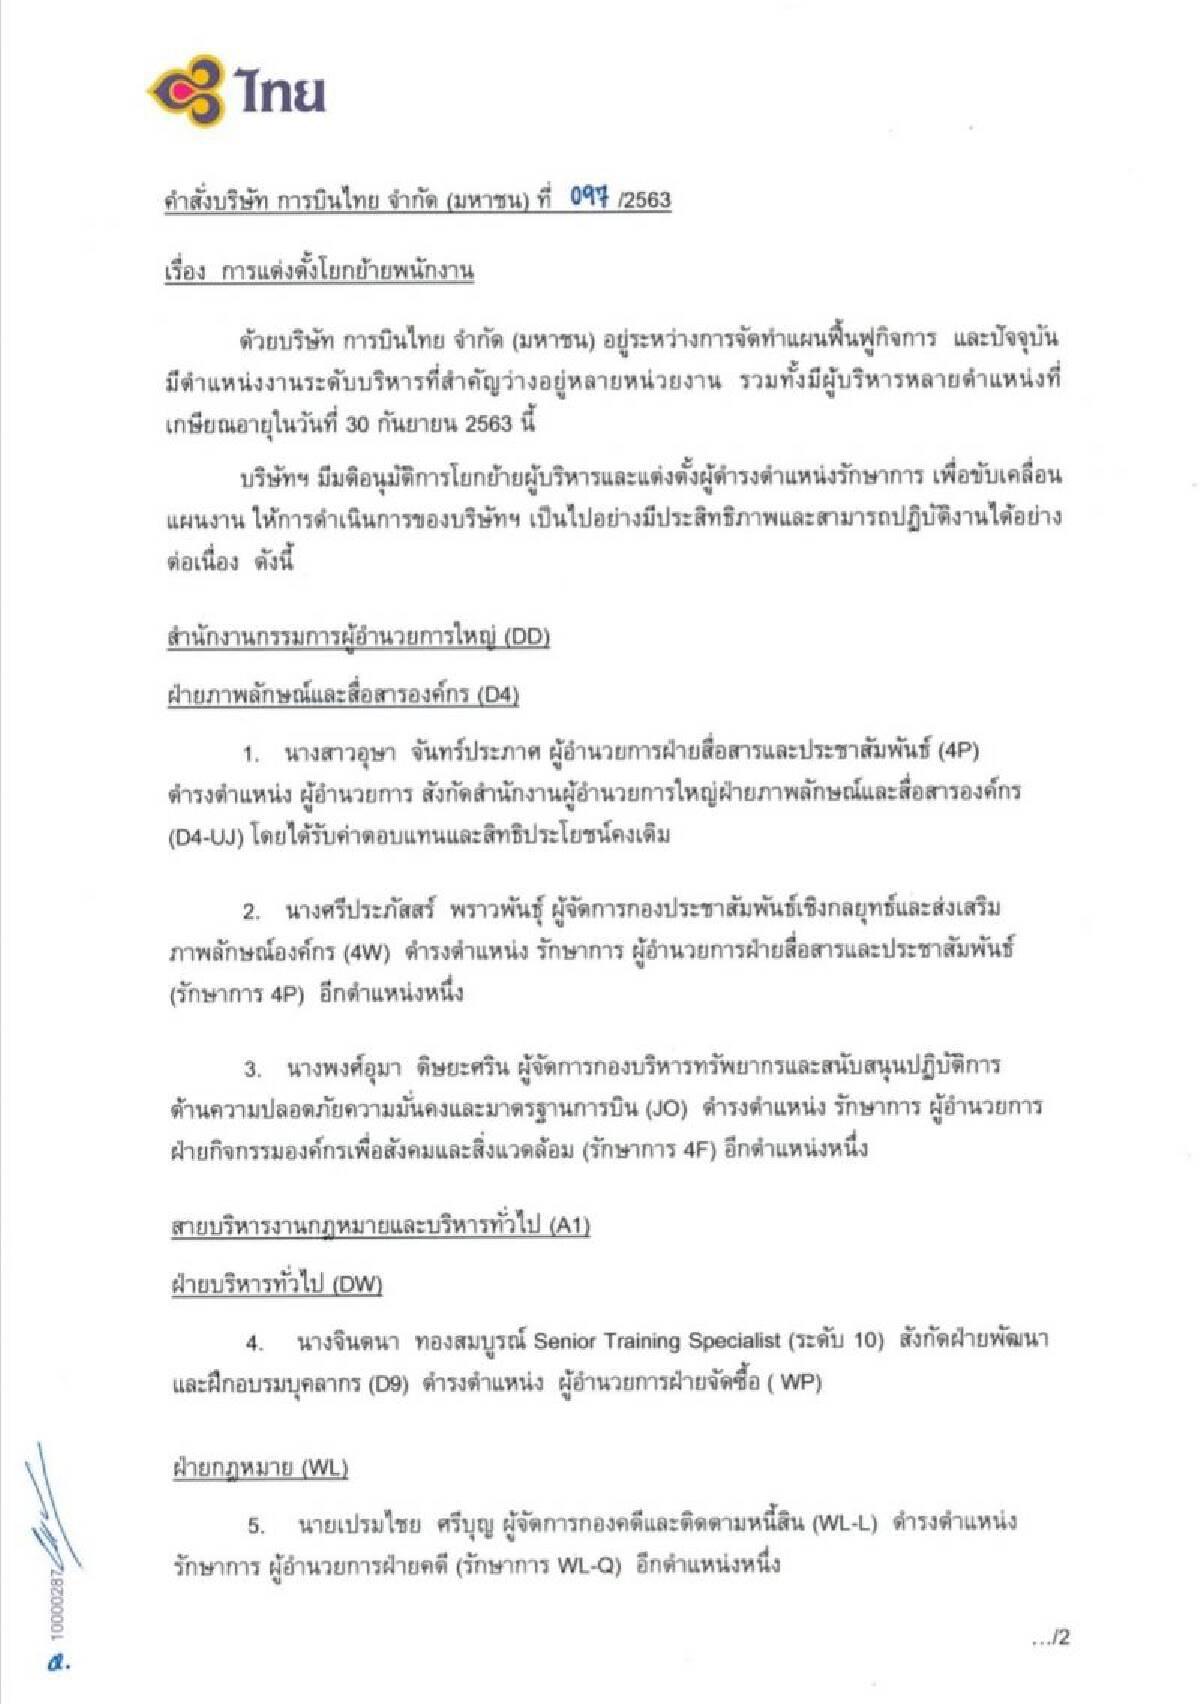 การบินไทย โยกย้ายผู้บริหาร-พนักงาน ระลอกใหม่ บิ๊กล็อต 32 ตำแหน่ง